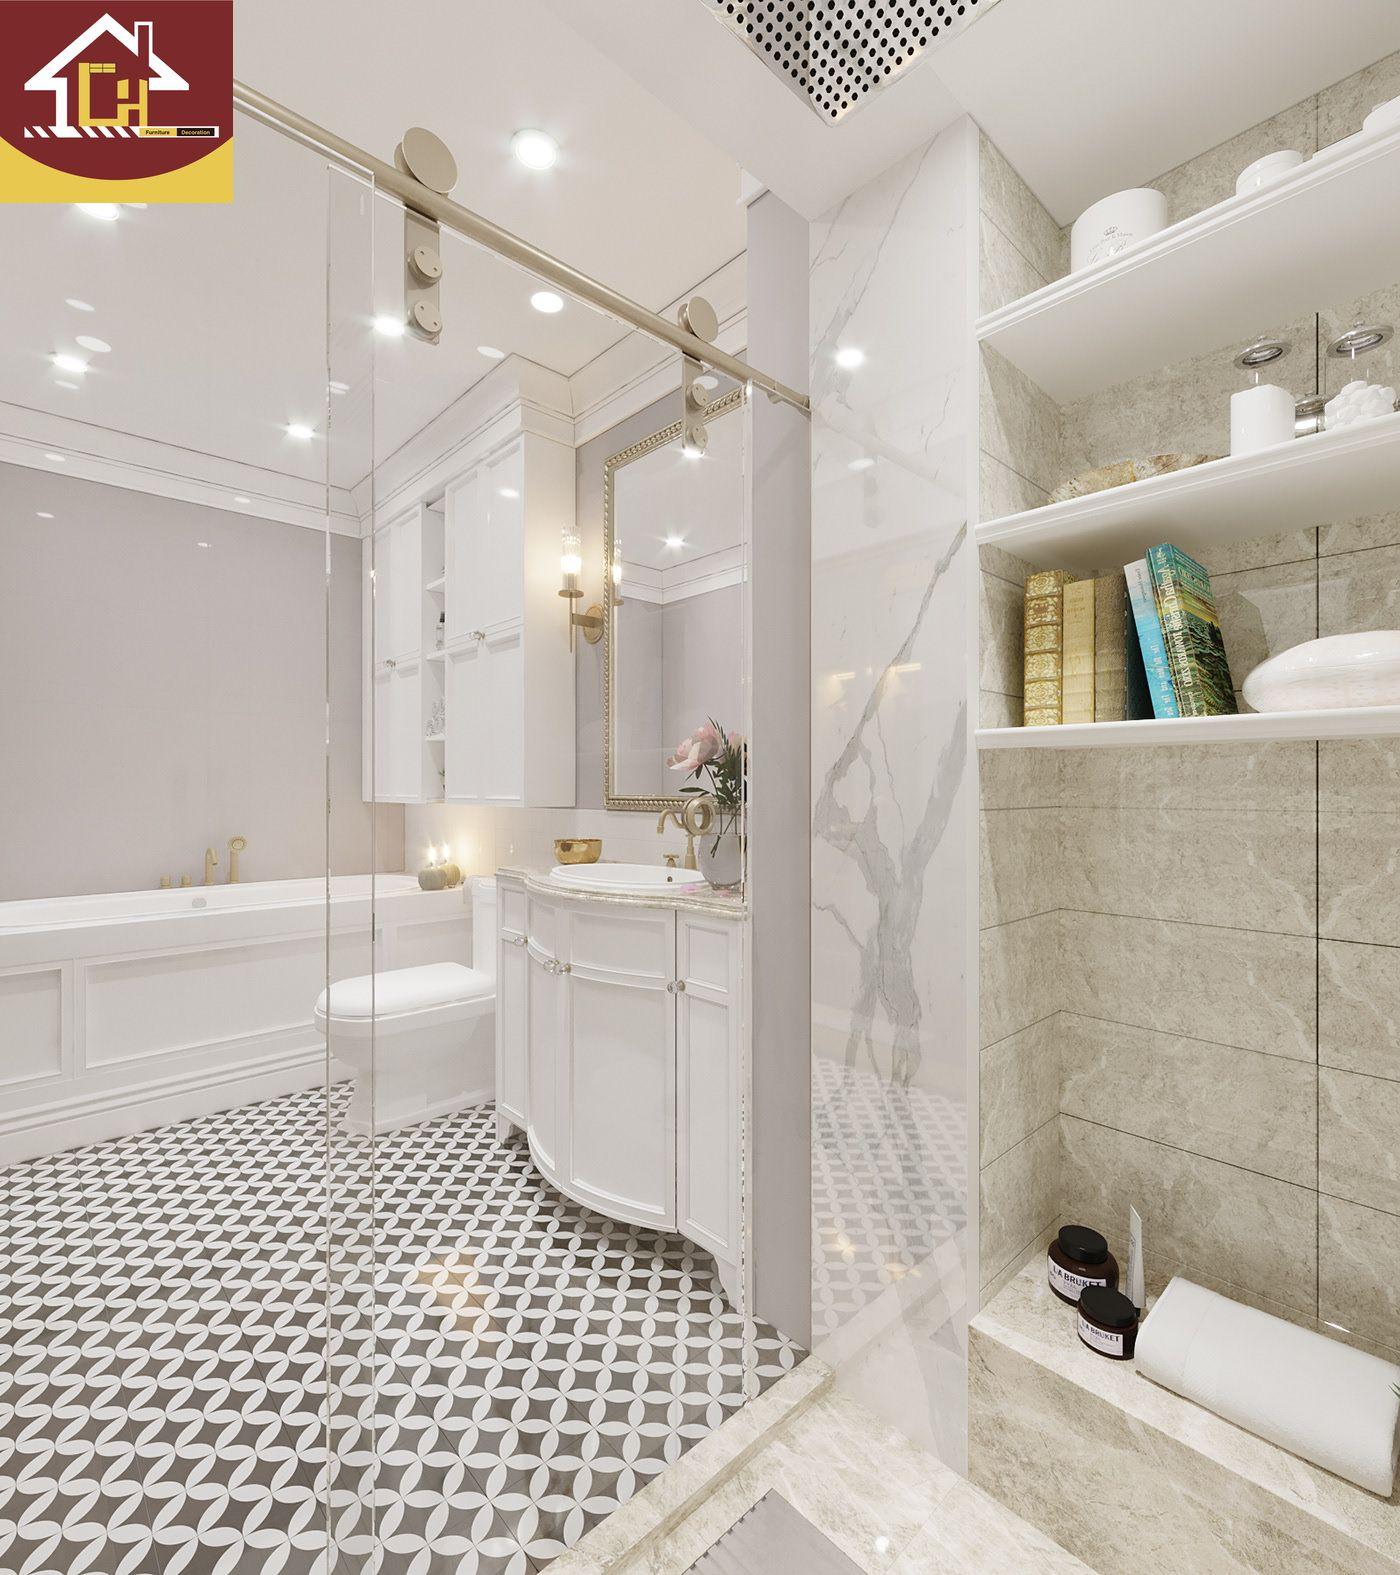 Thiết kế nội thất căn hộ chung cư Vinhomes Smart City